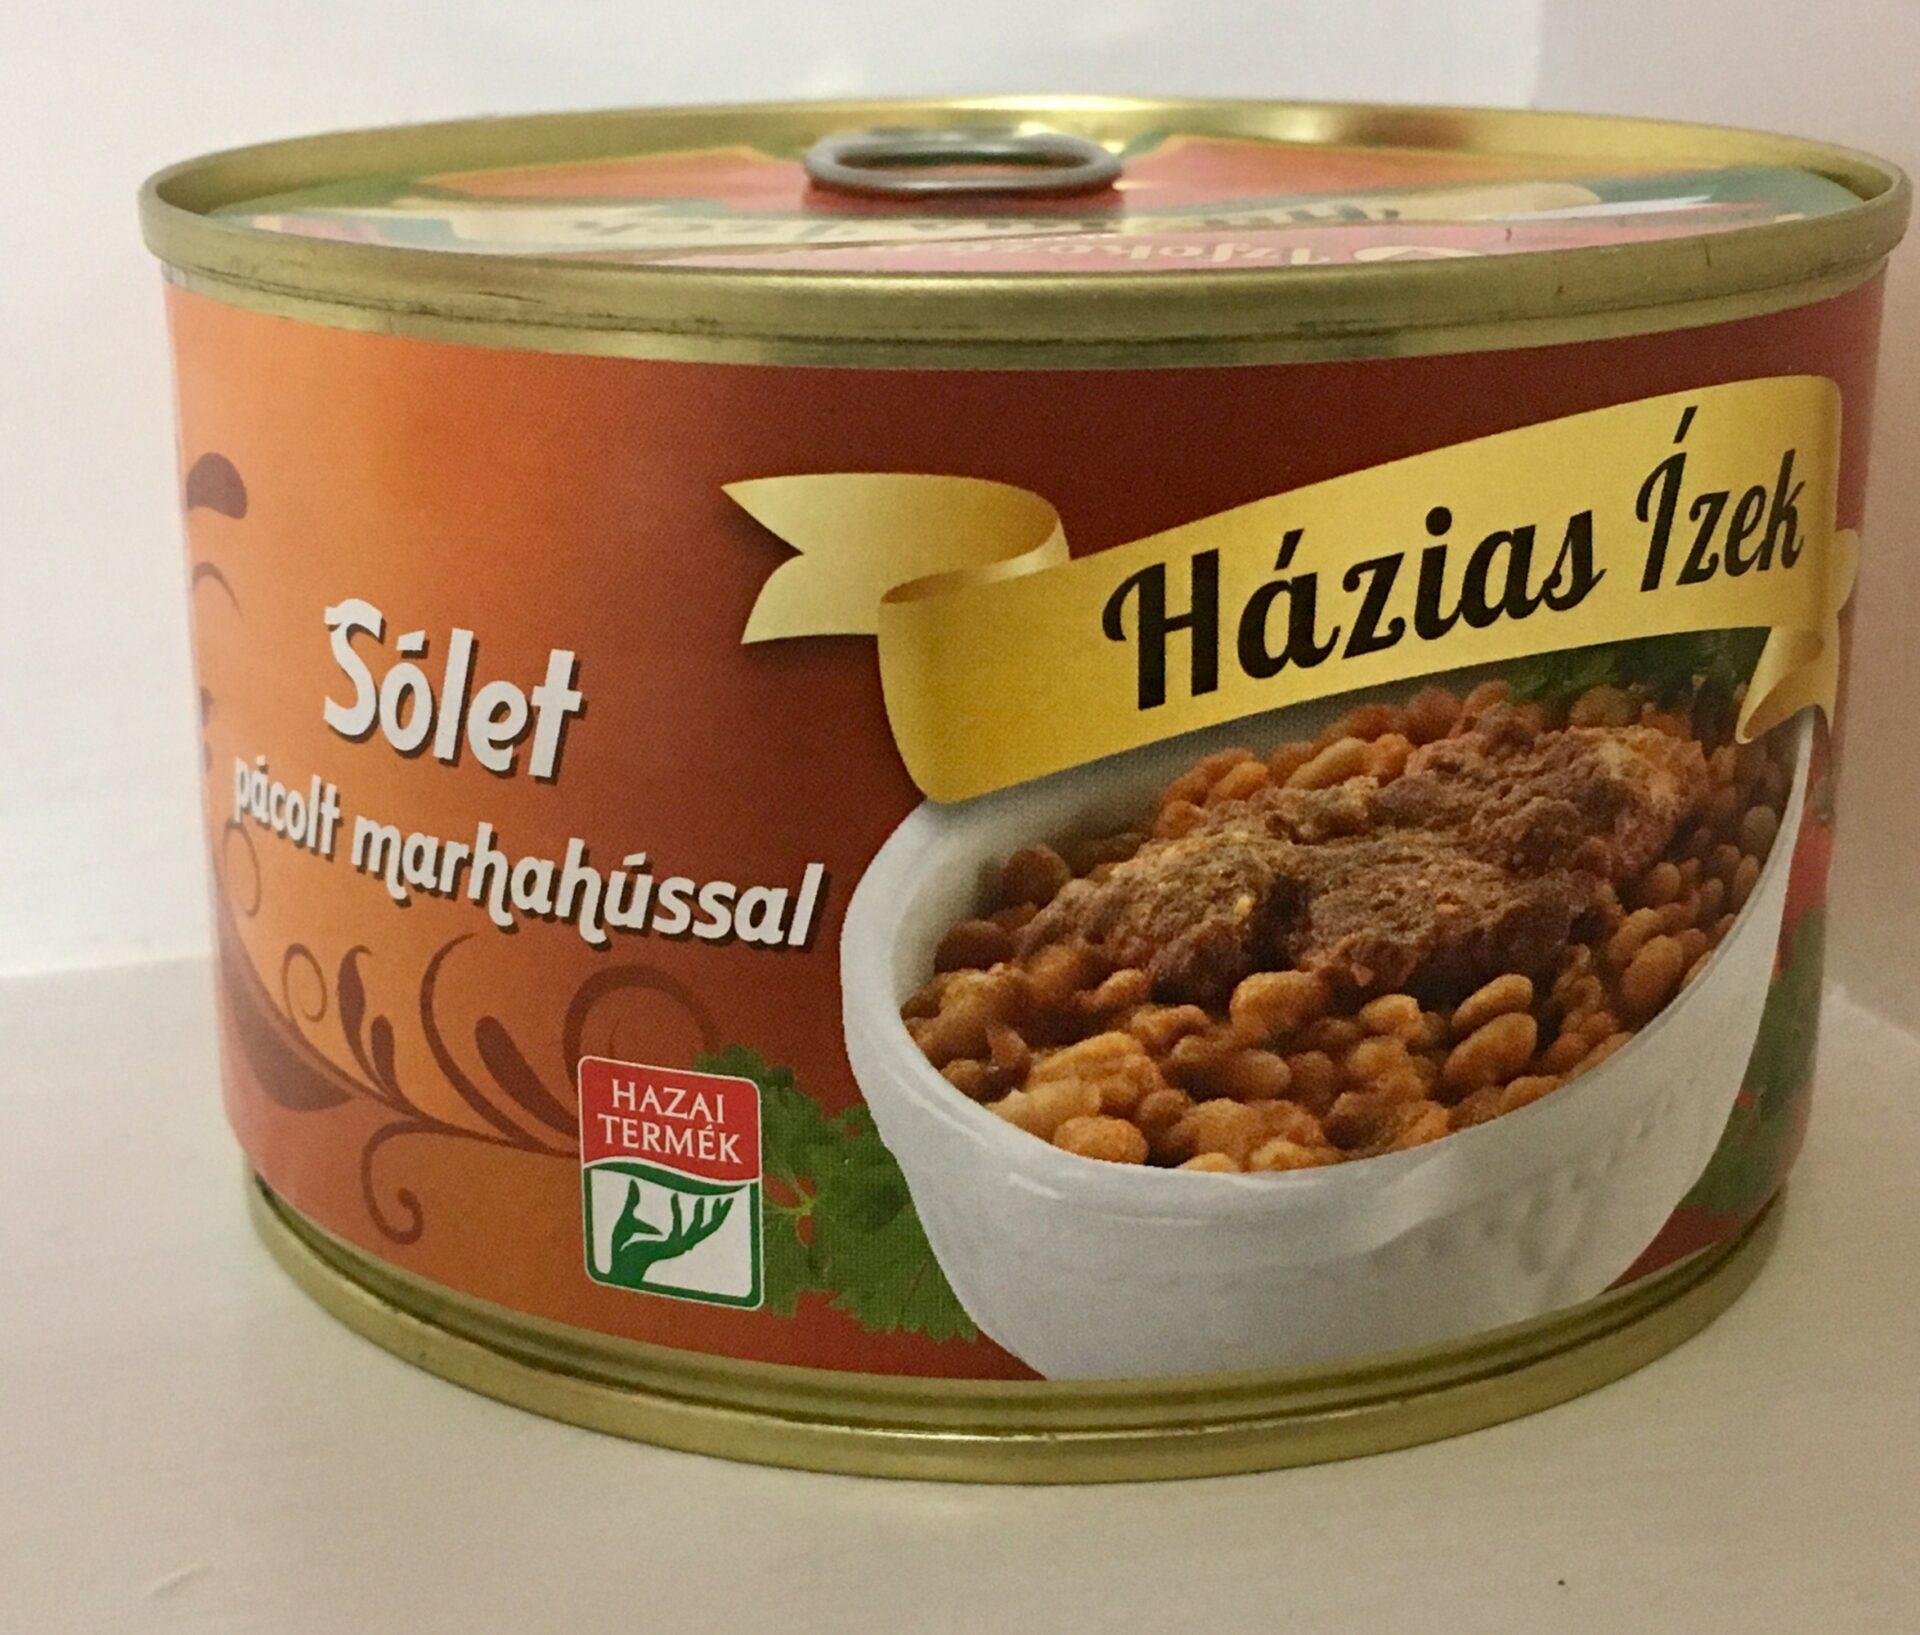 Sólet pácolt marhahússal konzerv 400g Házias Izek – Solet ready meal